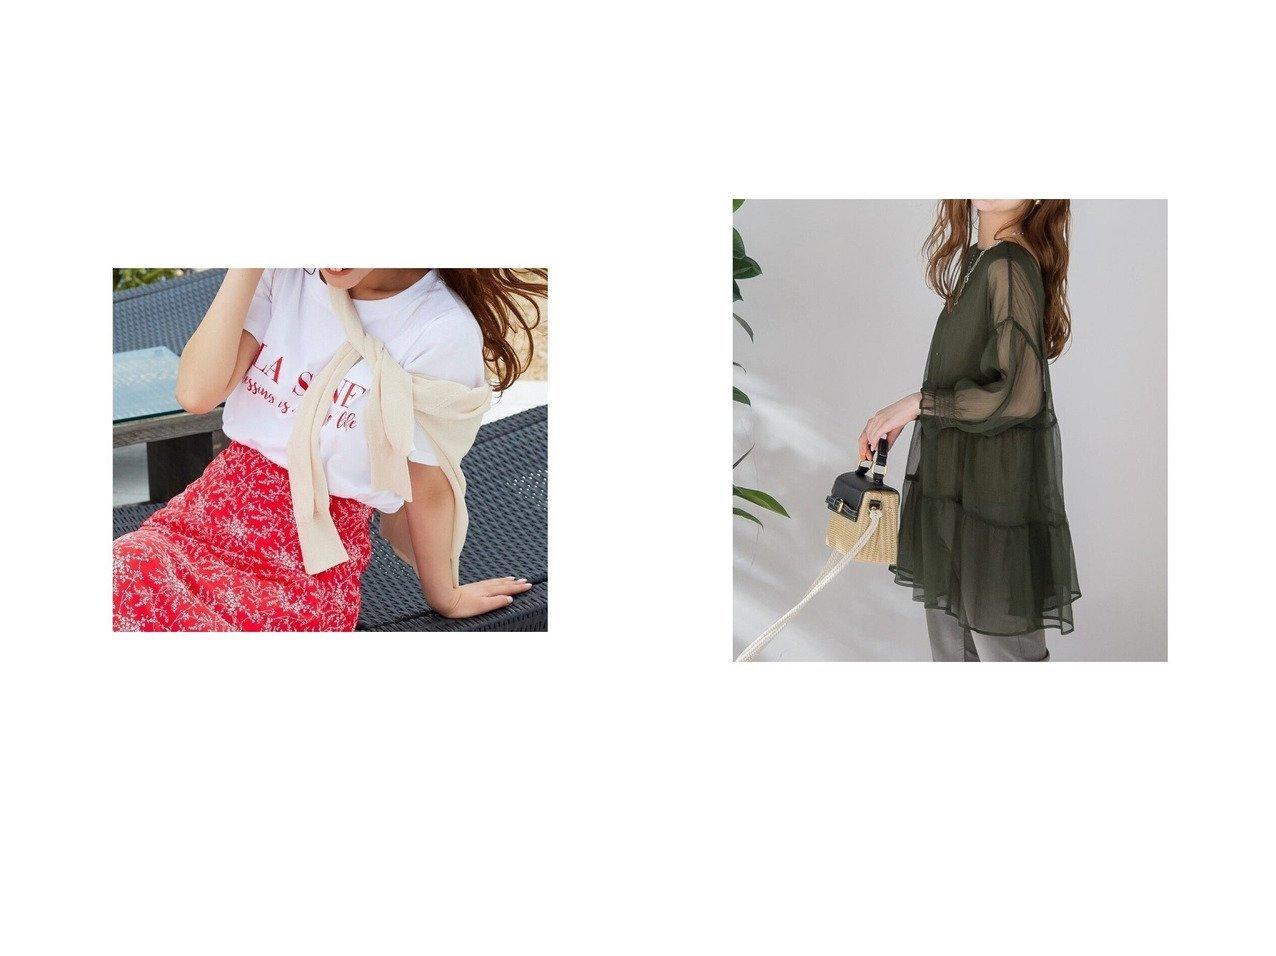 【VICKY/ビッキー】の前後2WAYシアーティアードブラウス《手洗い可能》&ロゴTシャツ おすすめ!人気トレンド・レディースファッション通販 おすすめで人気の流行・トレンド、ファッションの通販商品 インテリア・家具・メンズファッション・キッズファッション・レディースファッション・服の通販 founy(ファニー) https://founy.com/ ファッション Fashion レディースファッション WOMEN トップス・カットソー Tops/Tshirt シャツ/ブラウス Shirts/Blouses ロング / Tシャツ T-Shirts A/W・秋冬 AW・Autumn/Winter・FW・Fall-Winter おすすめ Recommend コレクション コンパクト シンプル インナー シアー |ID:crp329100000046049